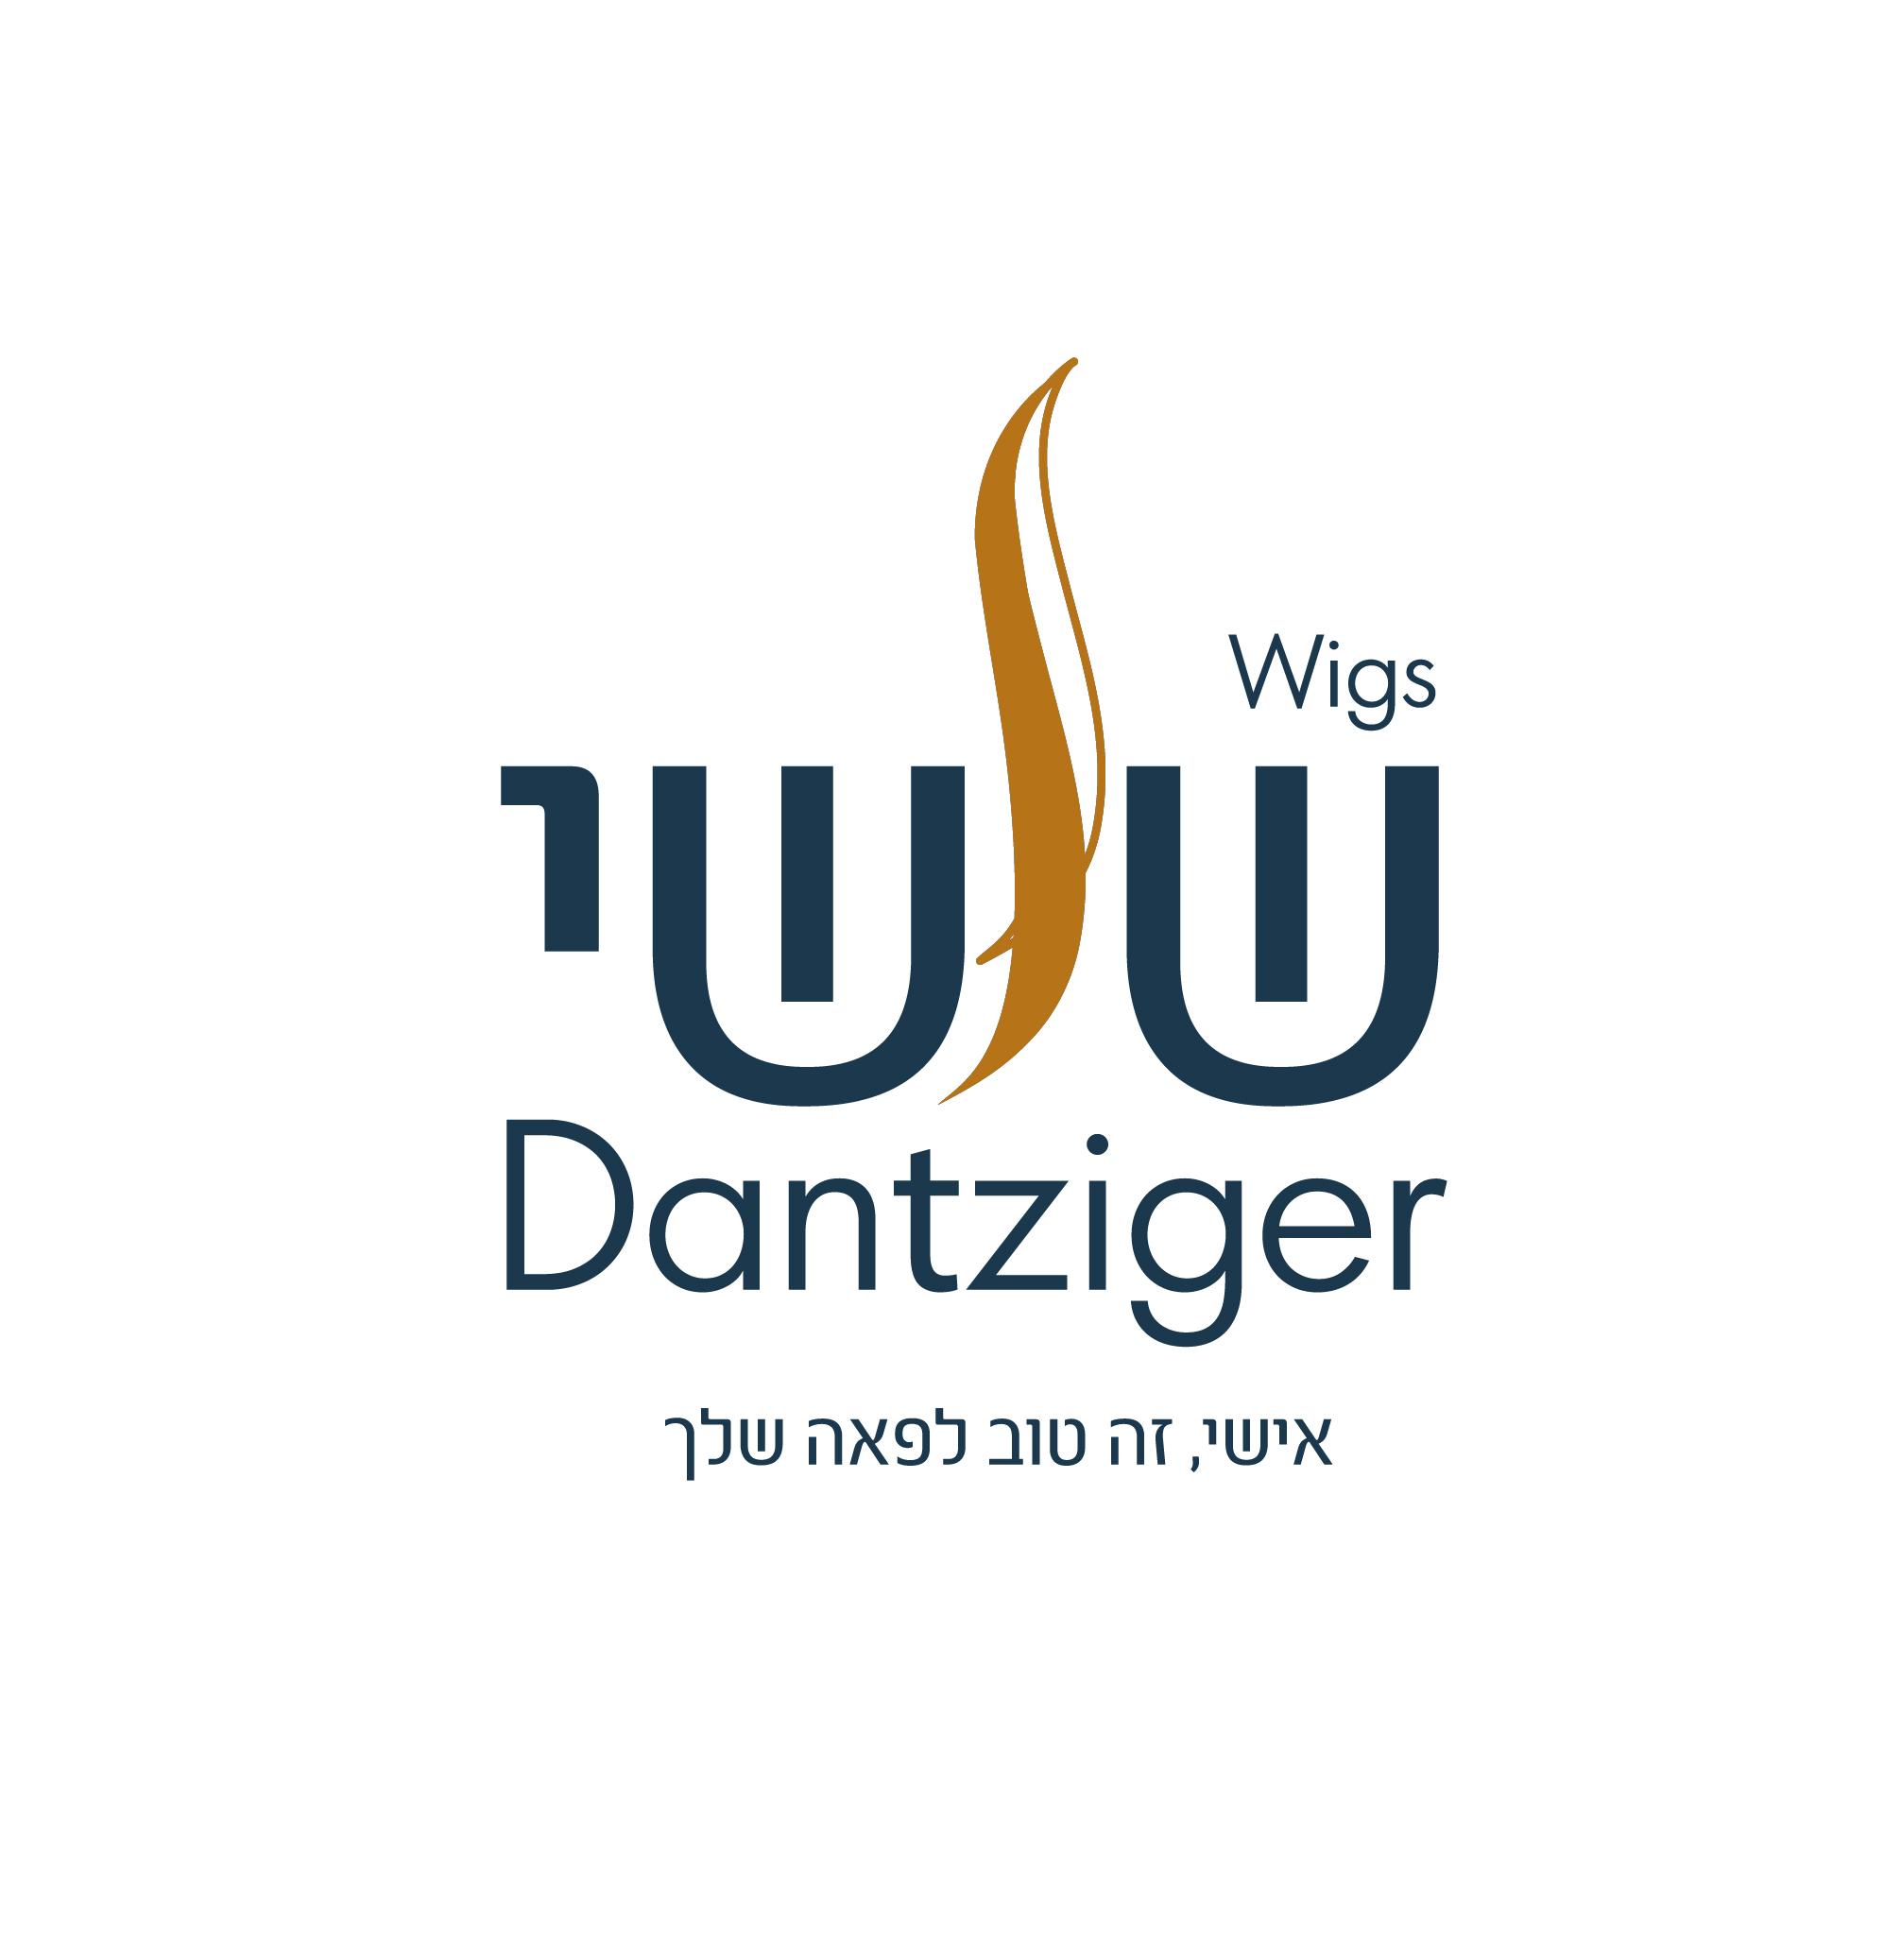 לוגו_שושי דניצגר